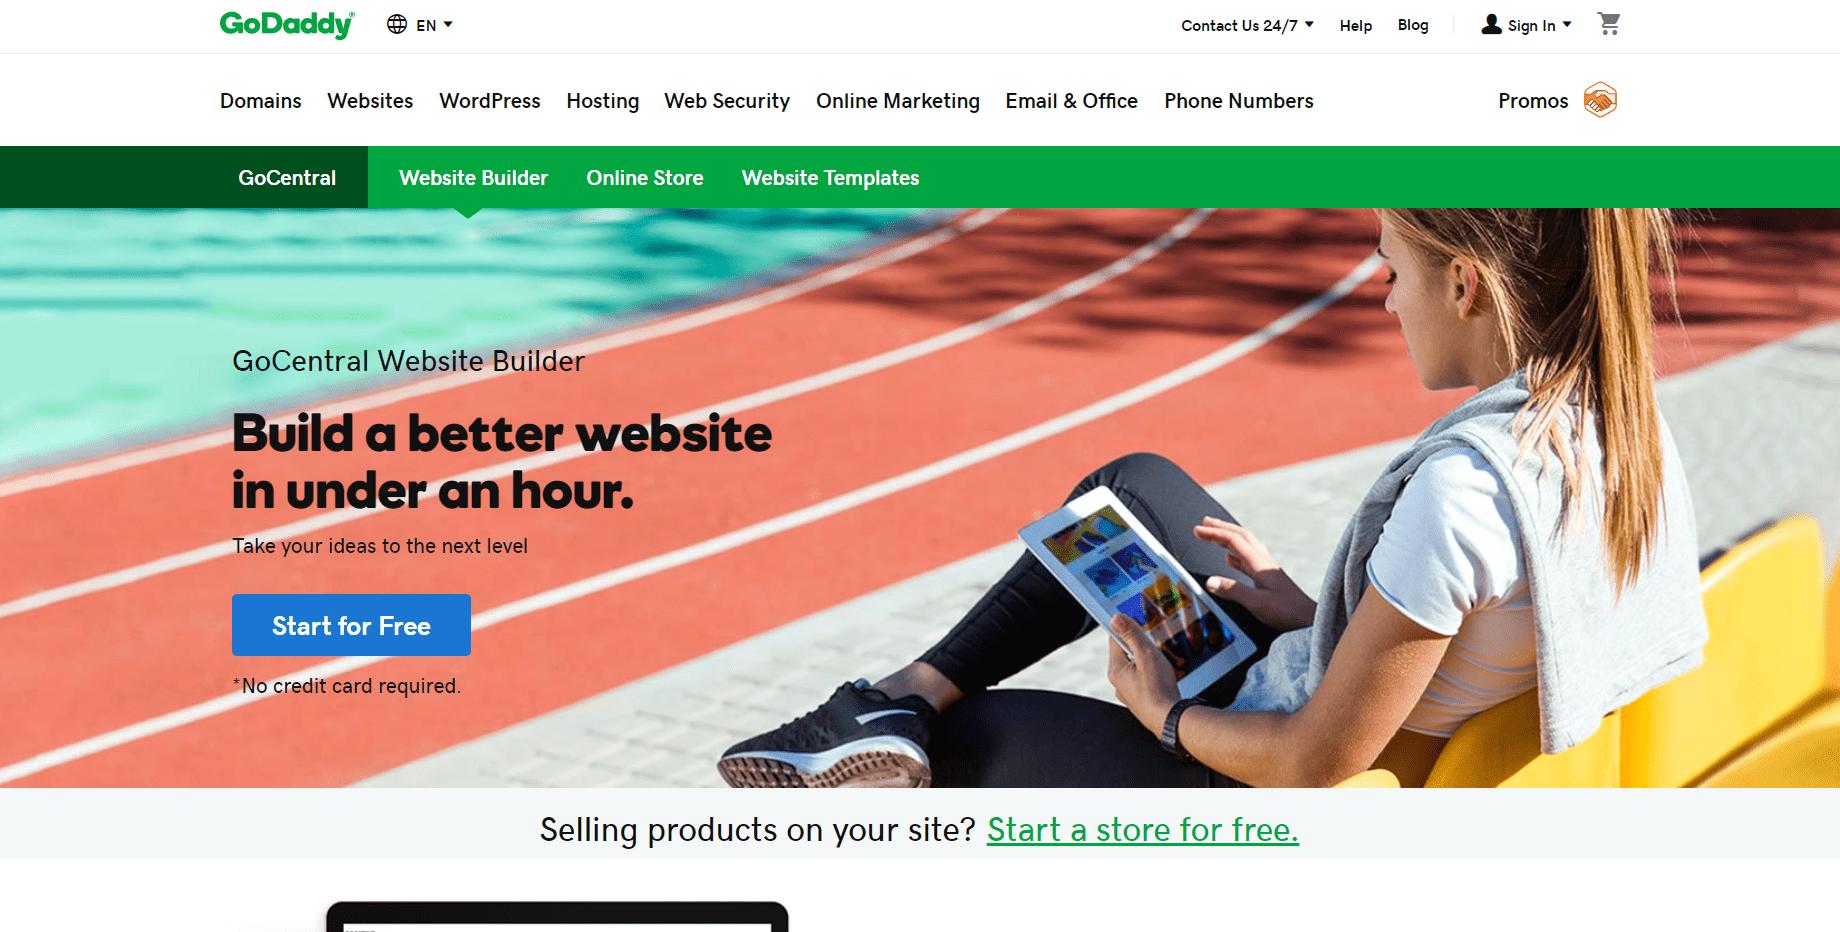 GoDaddy Website Builder Pricing 2020 – Avoid Hidden Costs